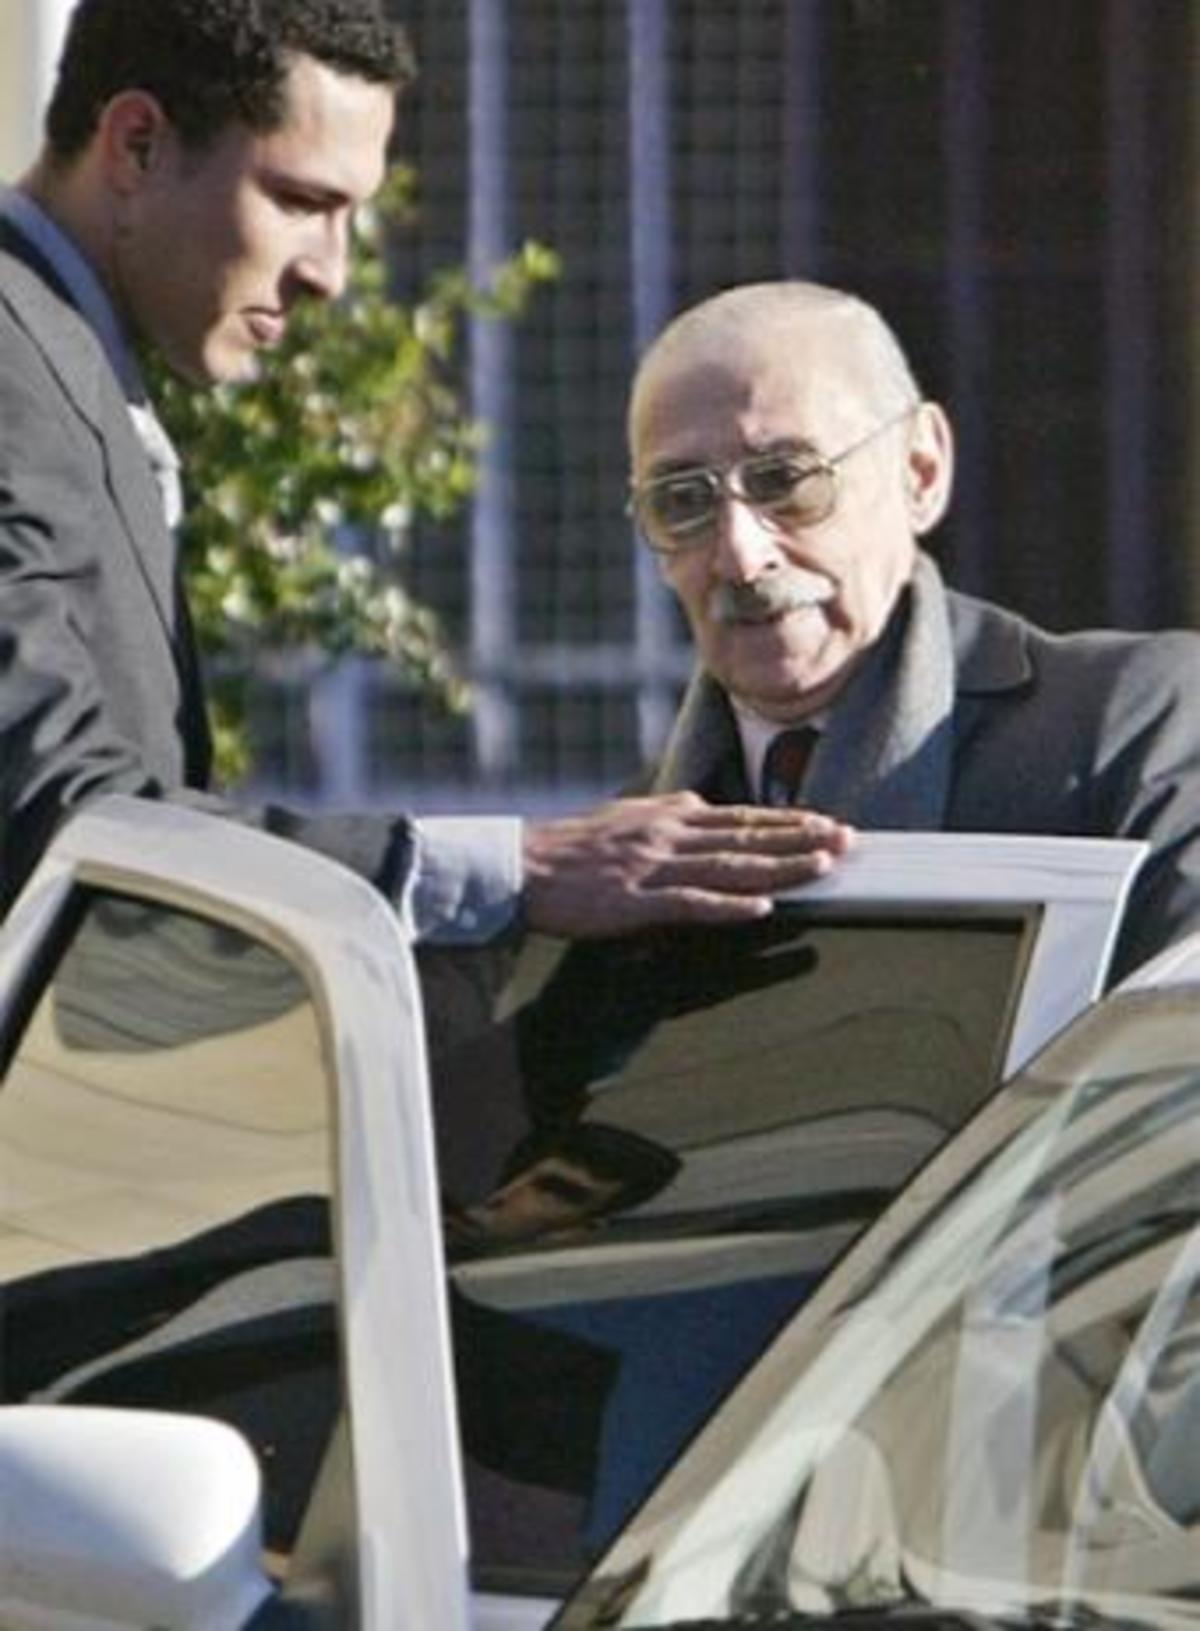 Διεθνές ένταλμα σύλληψης για τον Βιντέλα | Newsit.gr